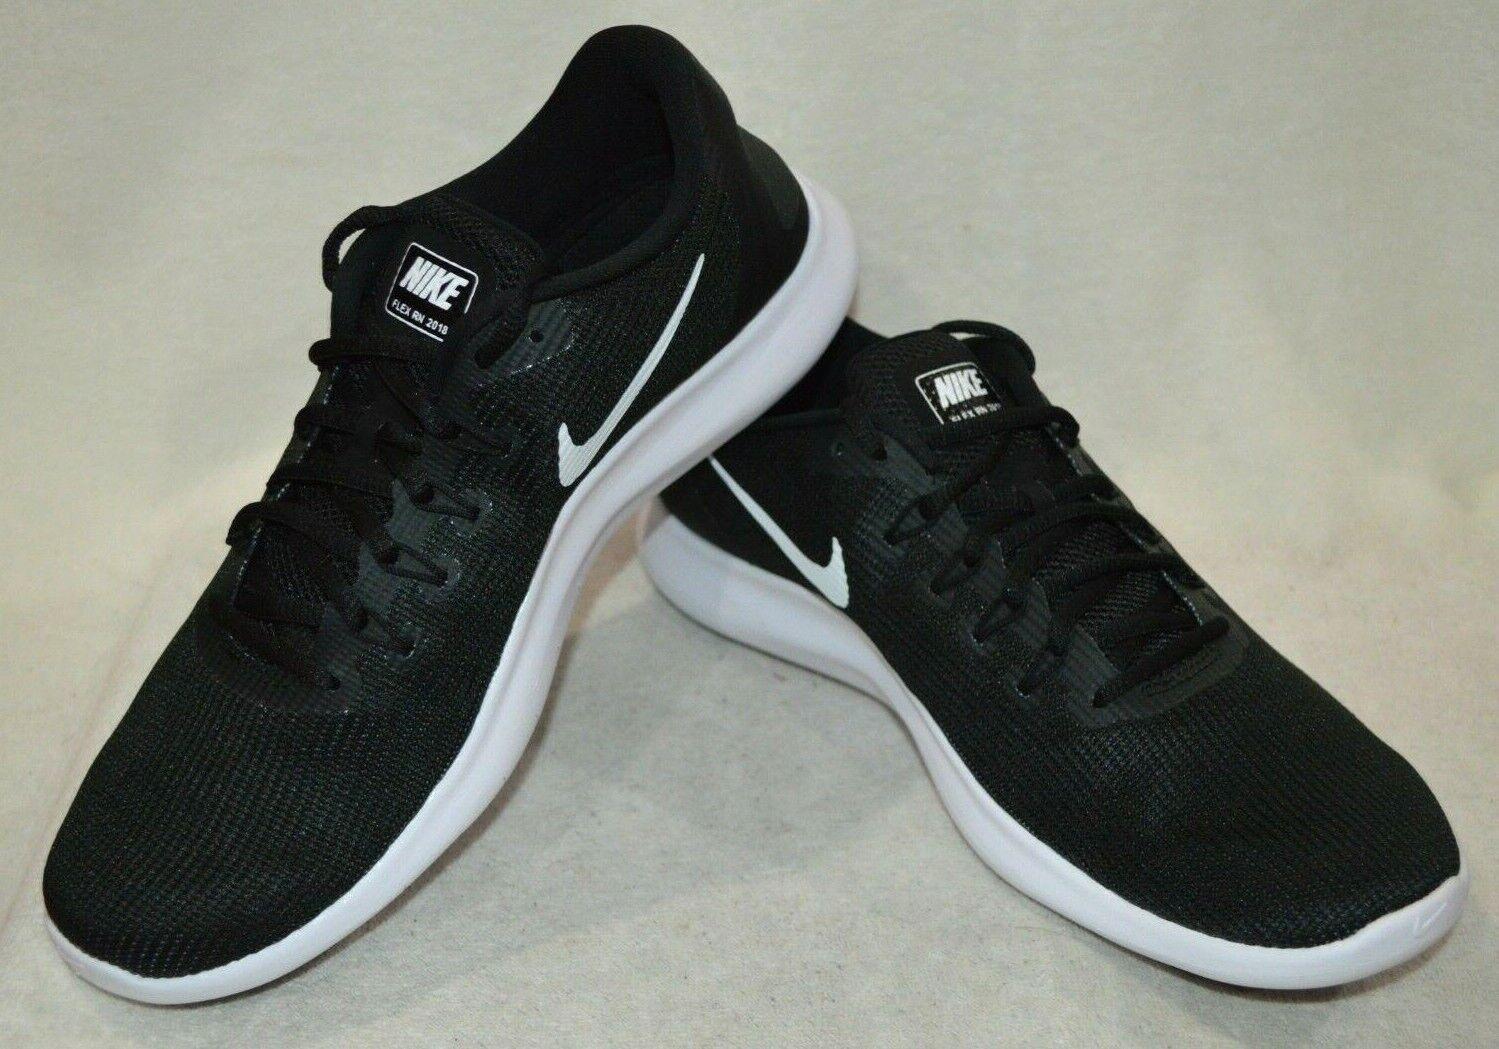 Nike Men's Flex 2018  RN nero  bianca Running scarpe -Assorted Dimensiones NWB AA7397 -018  all'ingrosso economico e di alta qualità